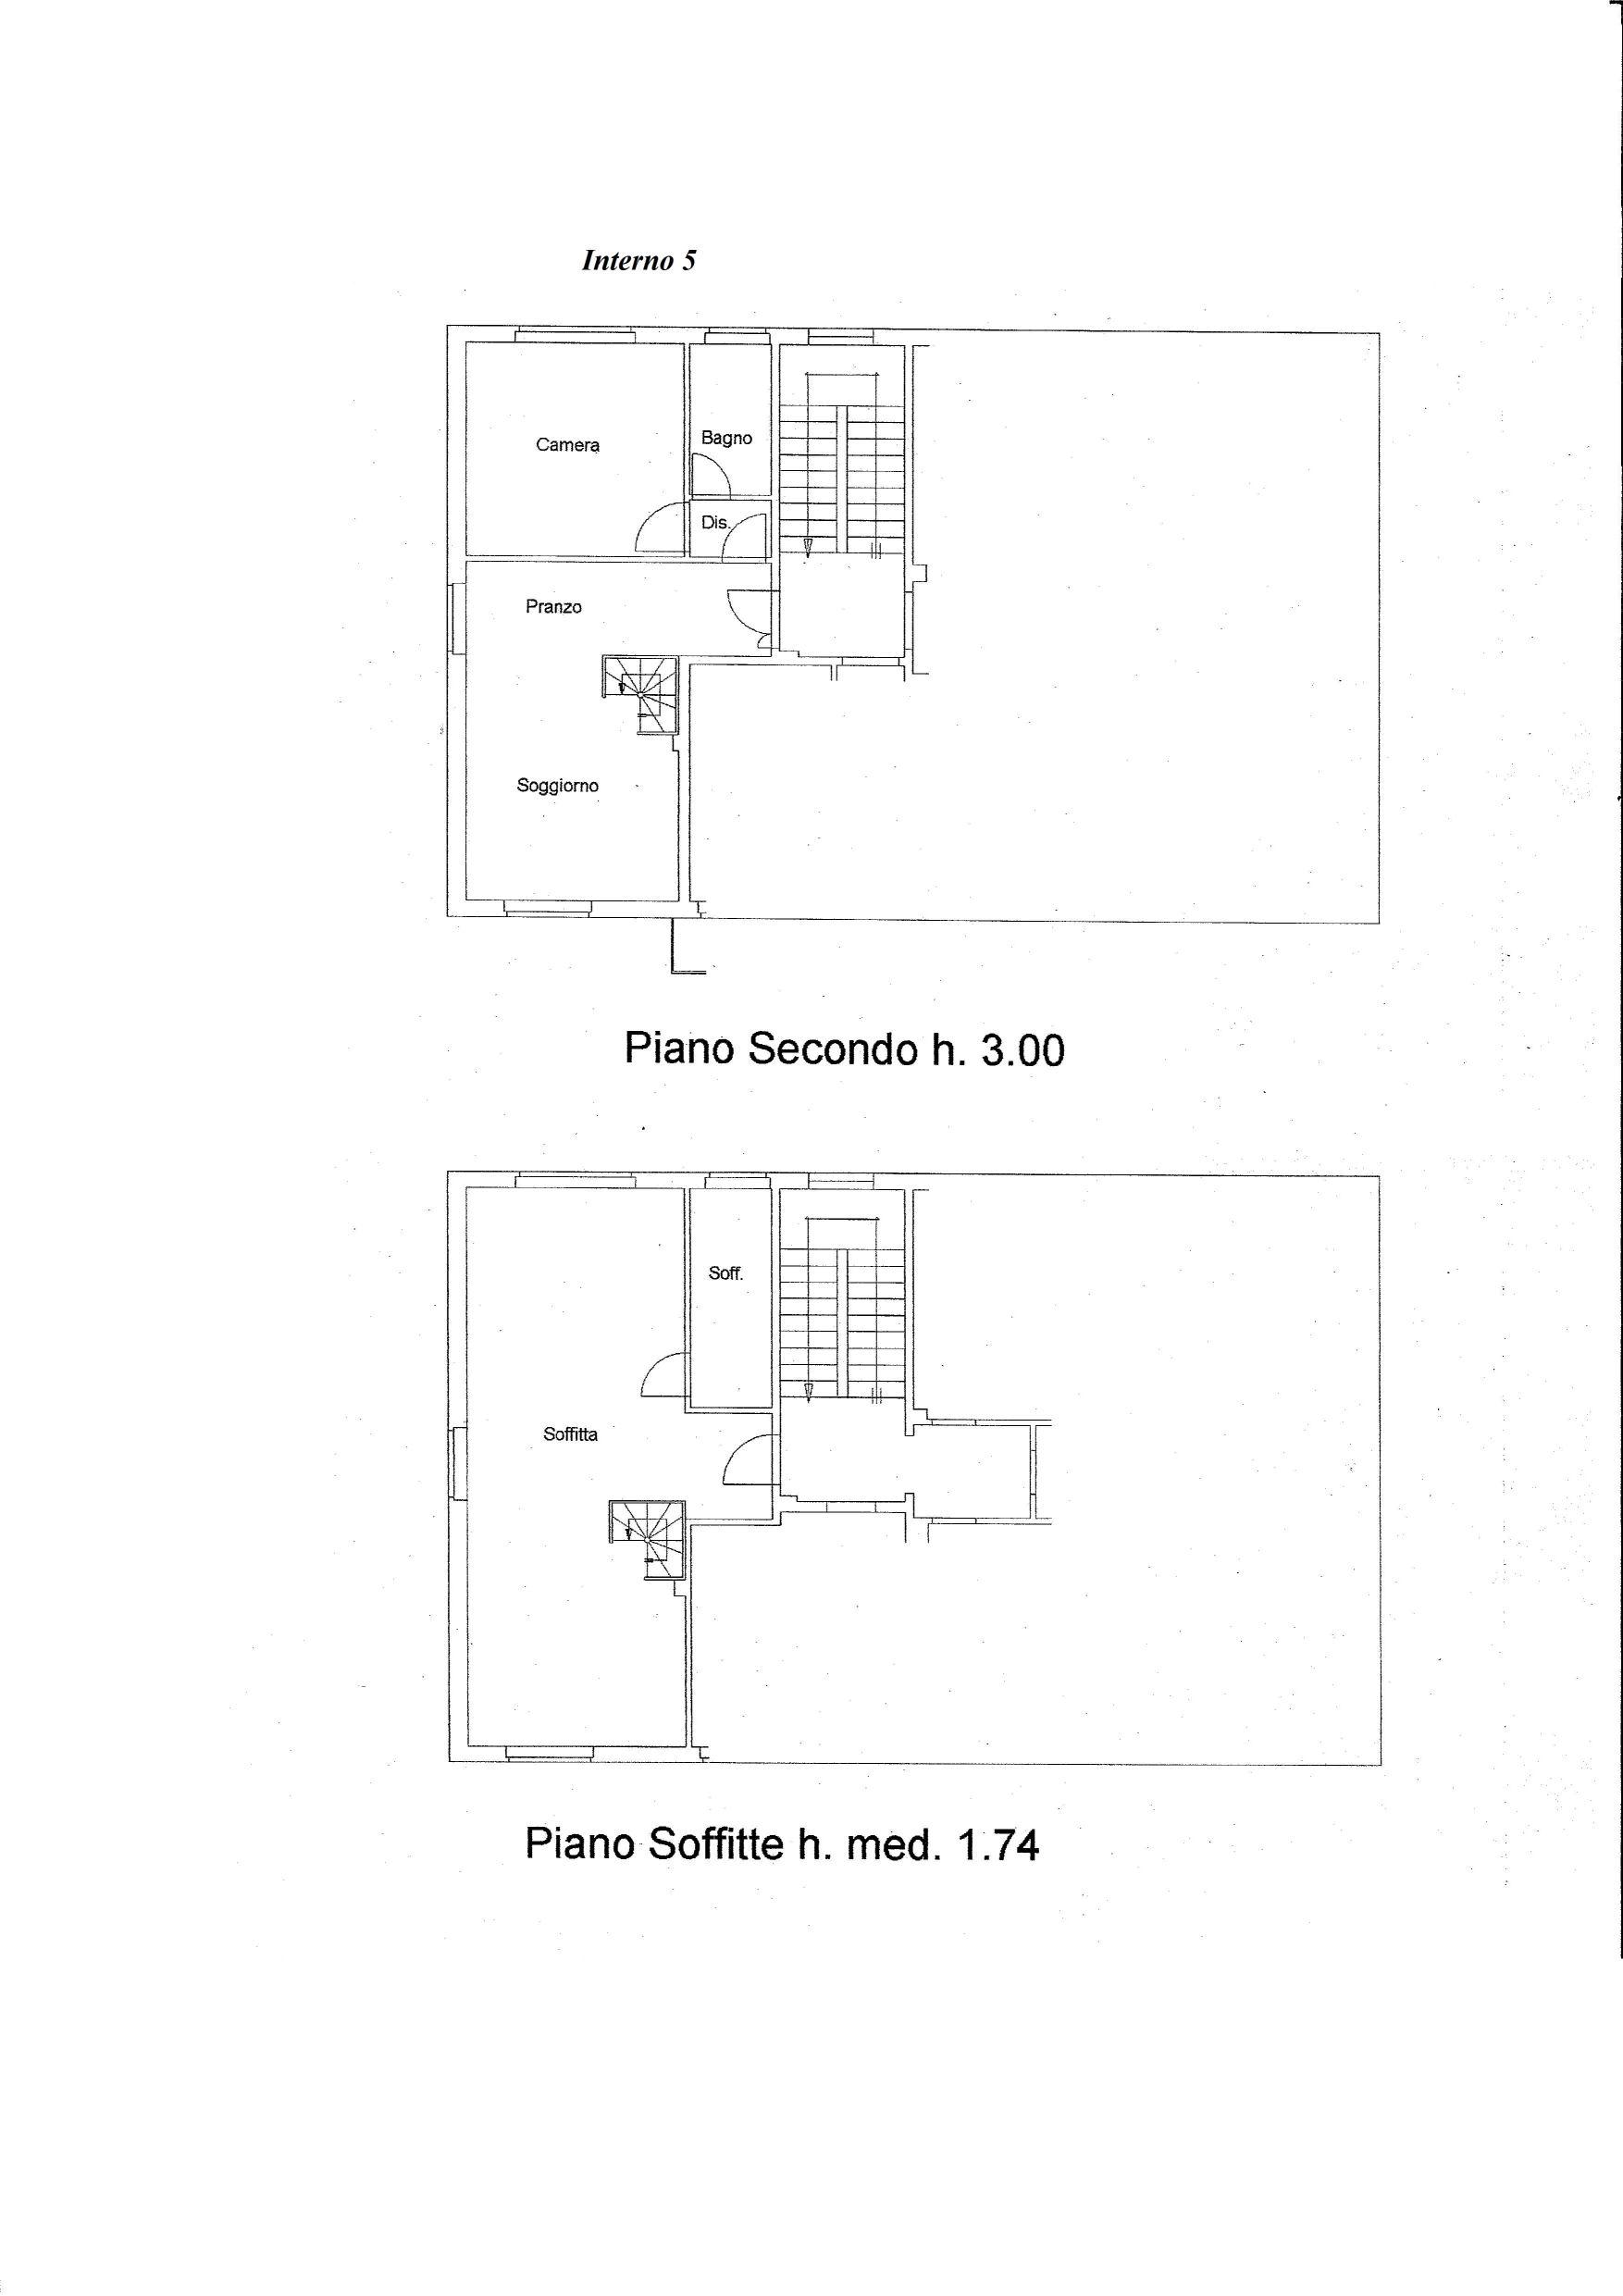 Piano Secondo lato sinistro id 331001